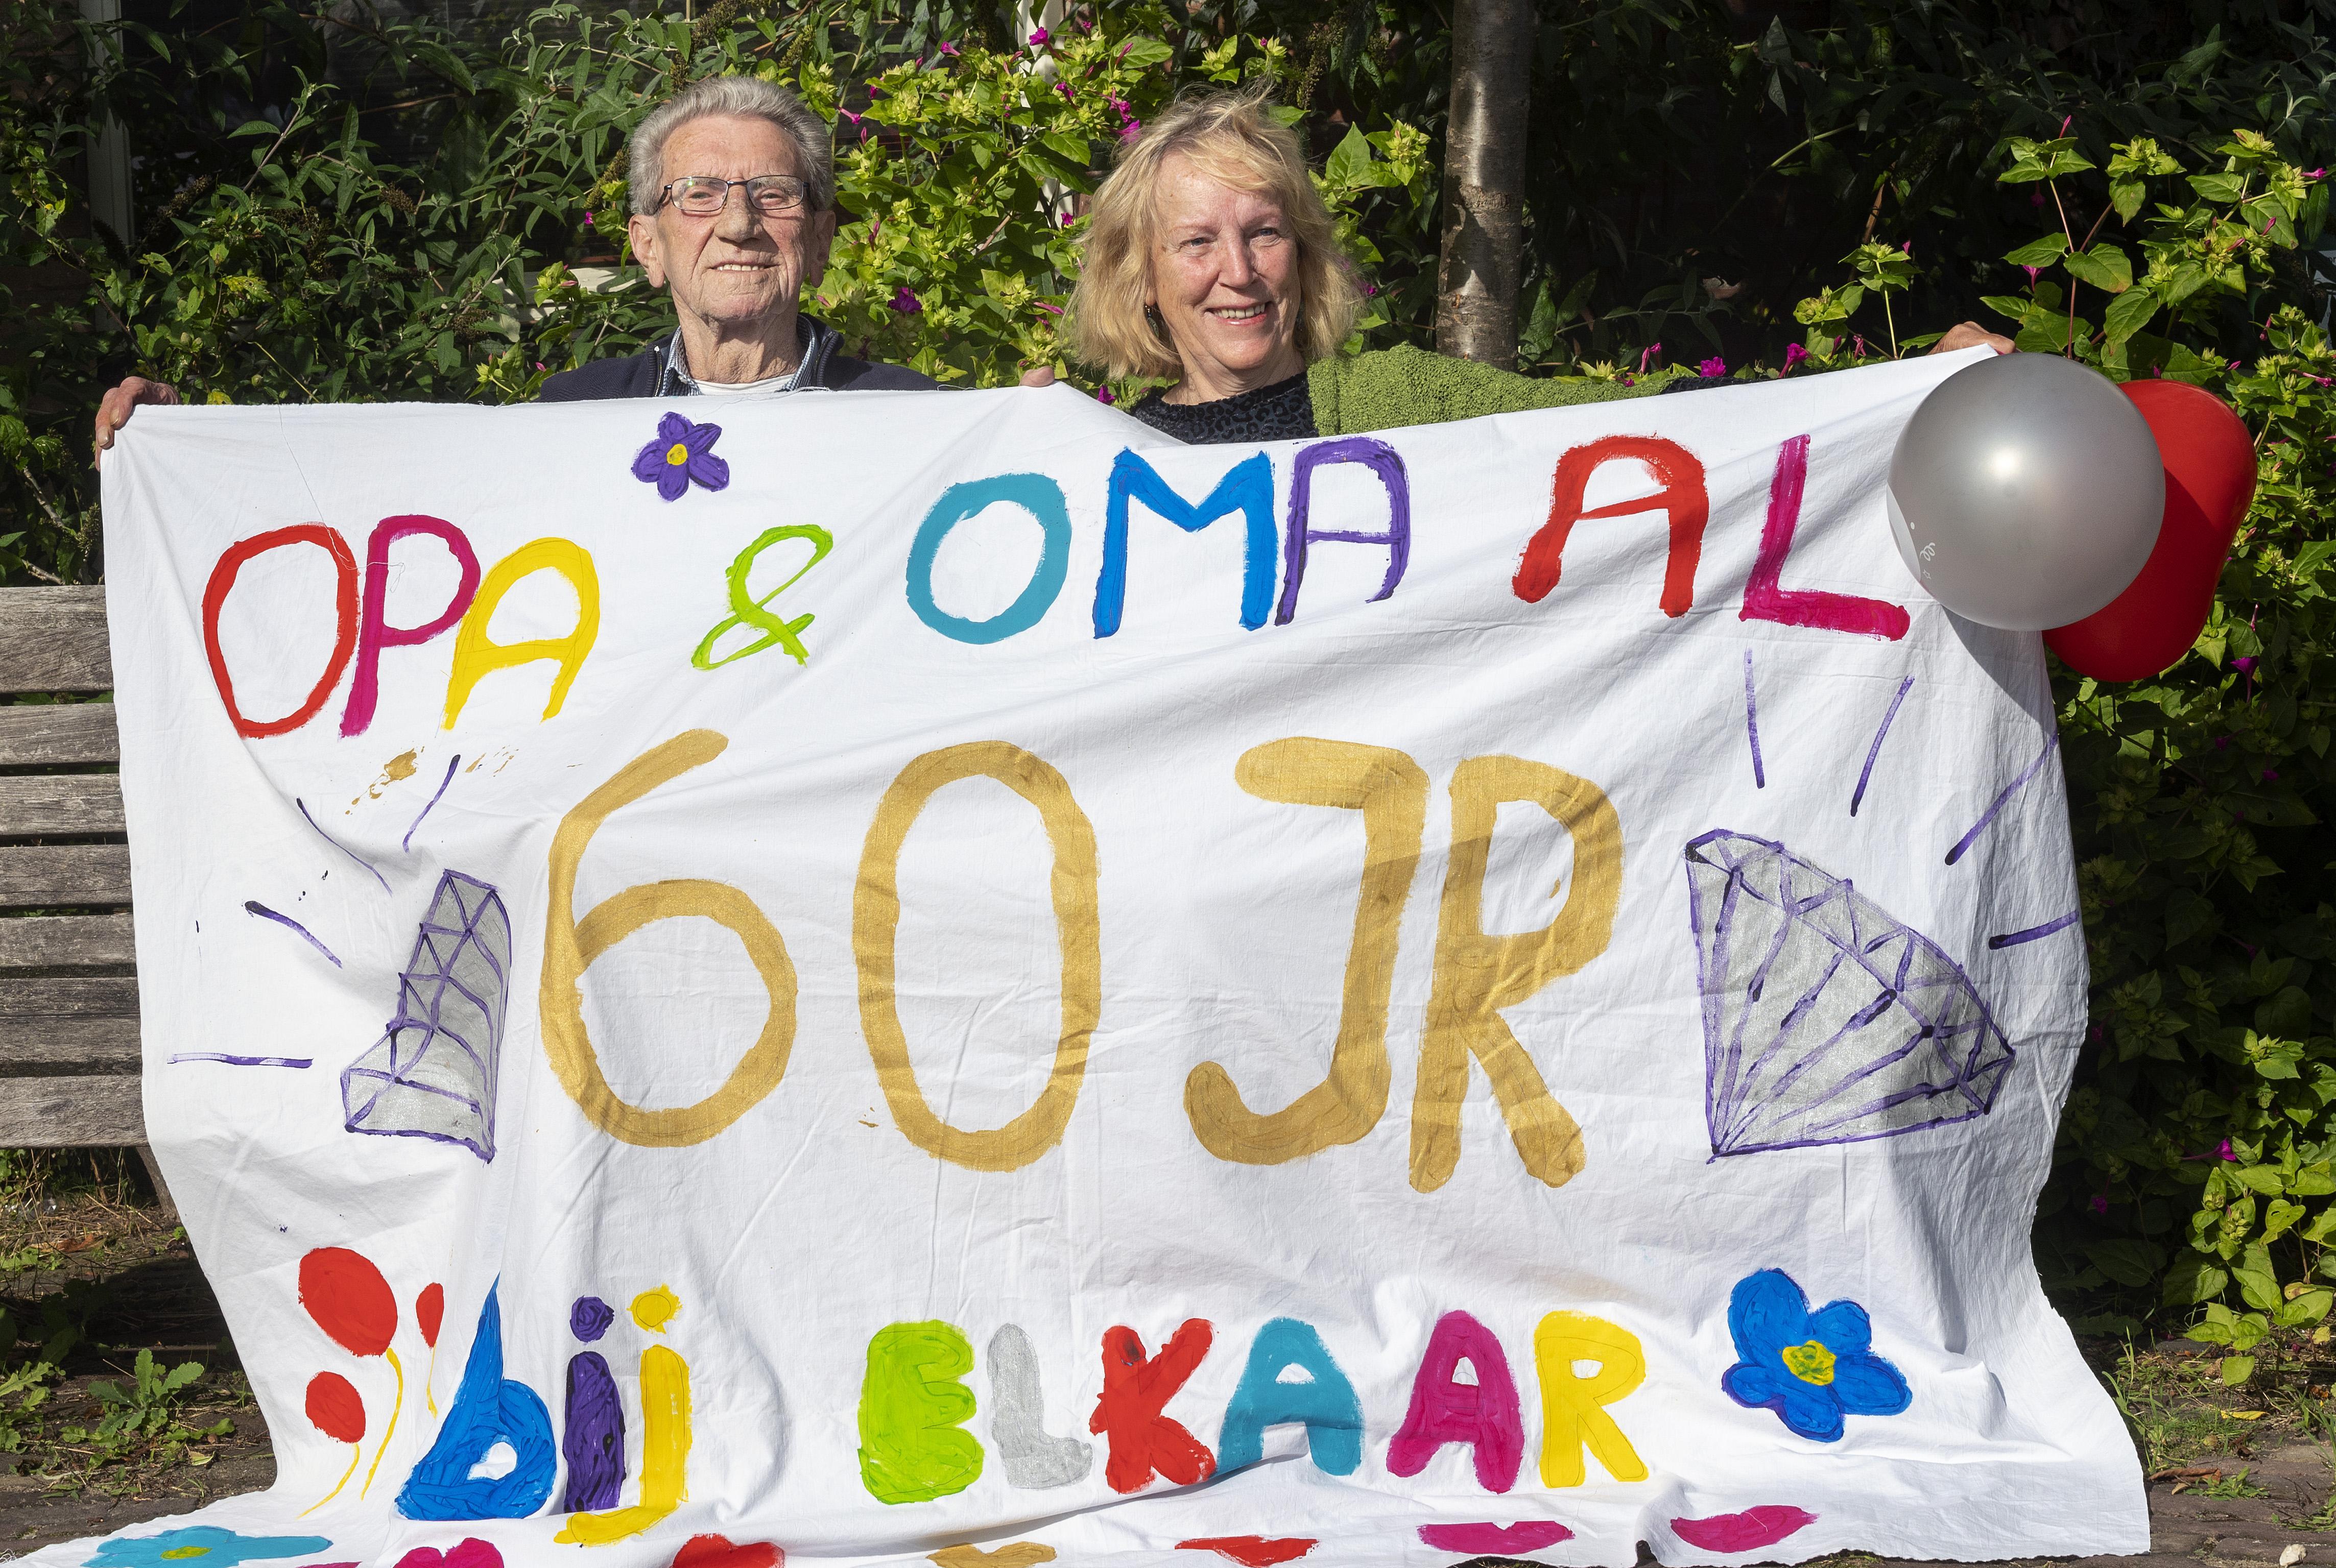 Jan en 'Loetje' van der Meulen zijn na zestig jaar nog niet uitgepraat: 'Ons geheim? Geduld, respect en niet je eigen persoonlijkheid verliezen'